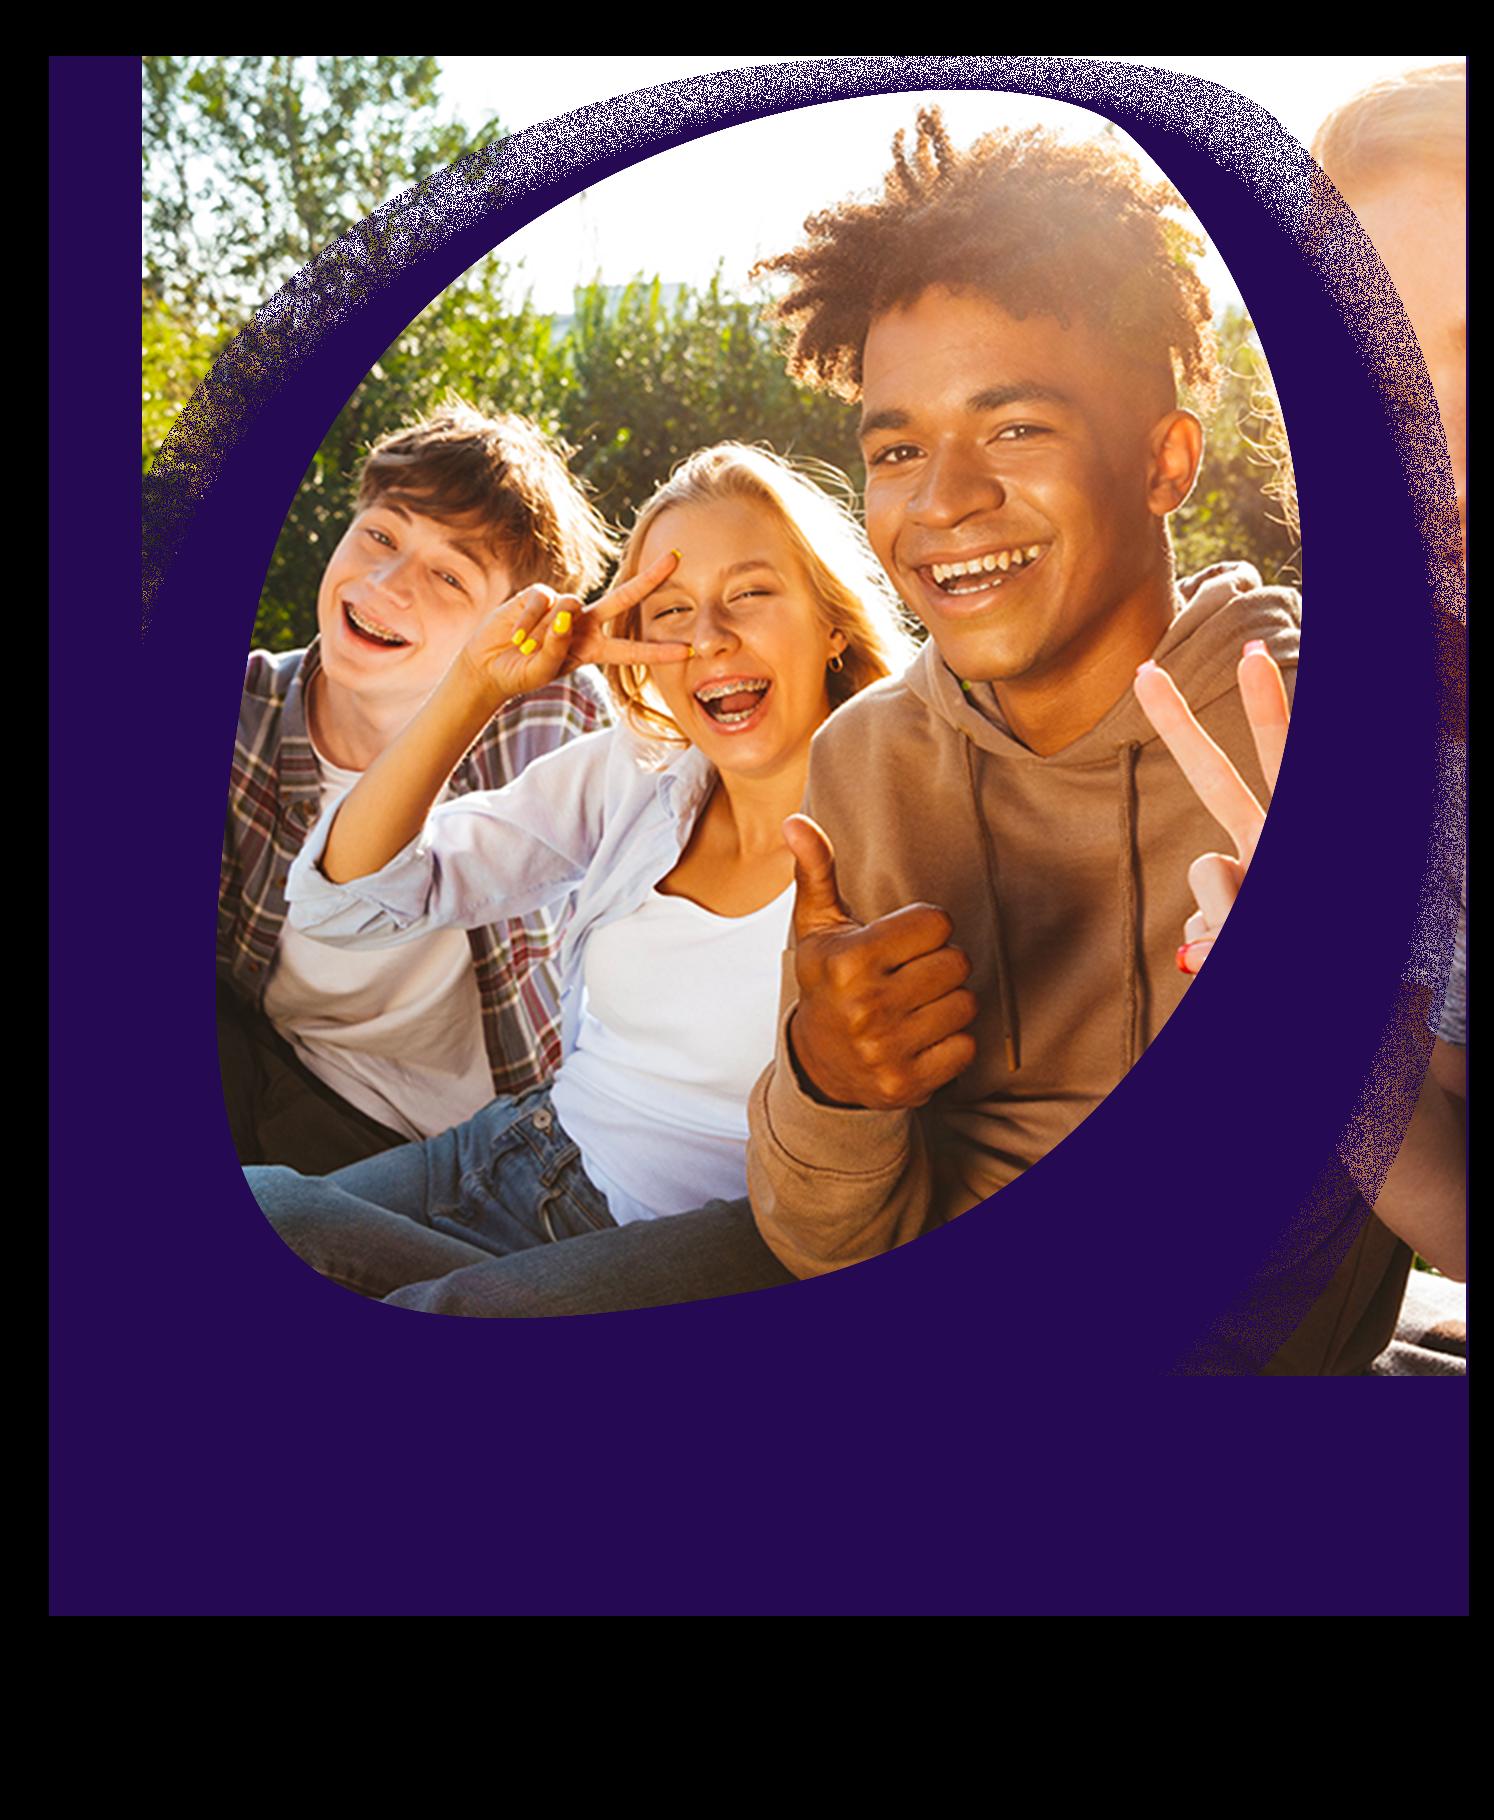 ici se trouve une photo de trois jeunes qui sourient à l'objectif